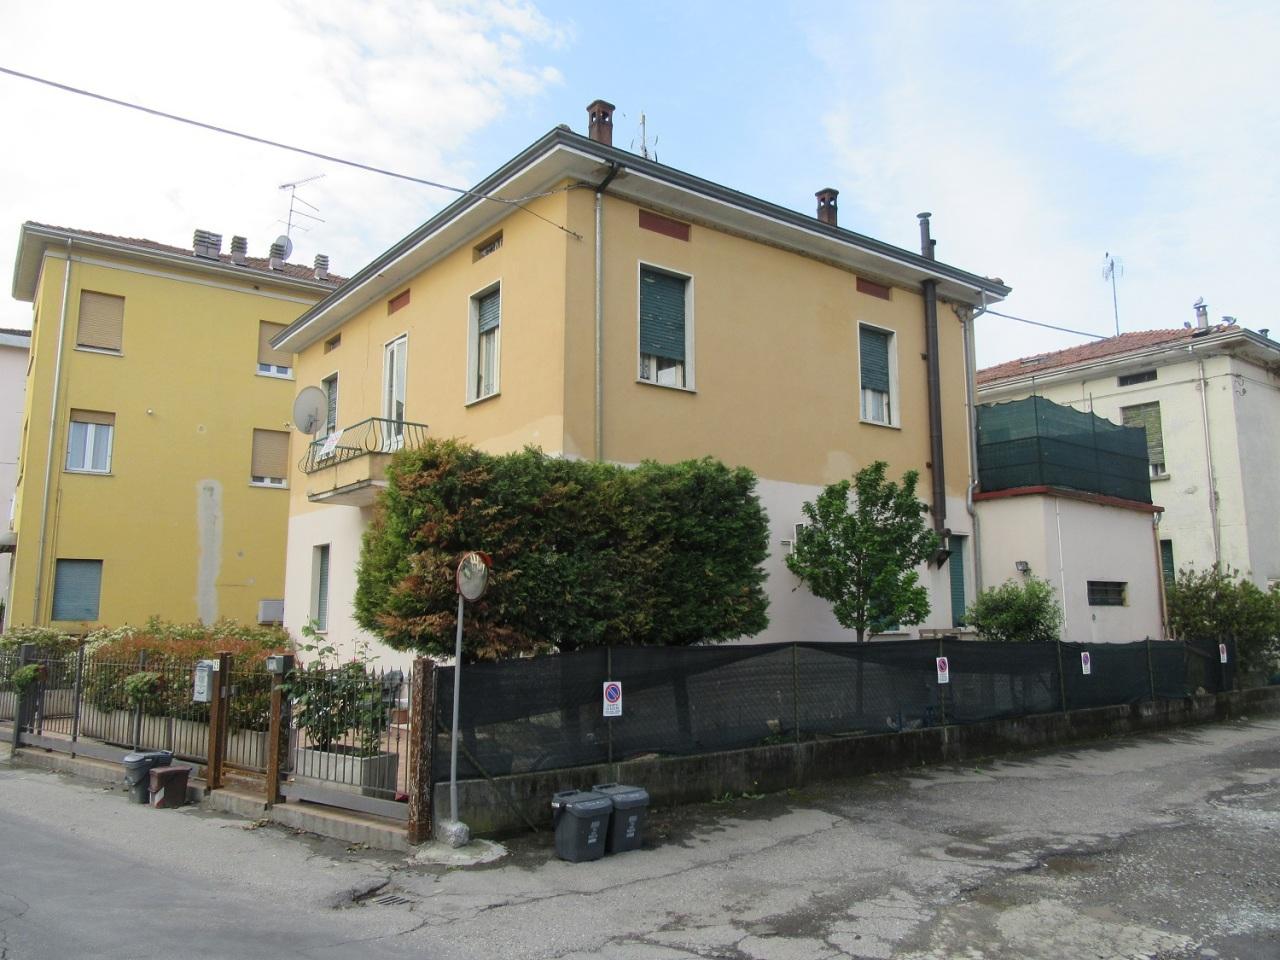 Appartamento - 2 camere a Pontetaro, Fontevivo